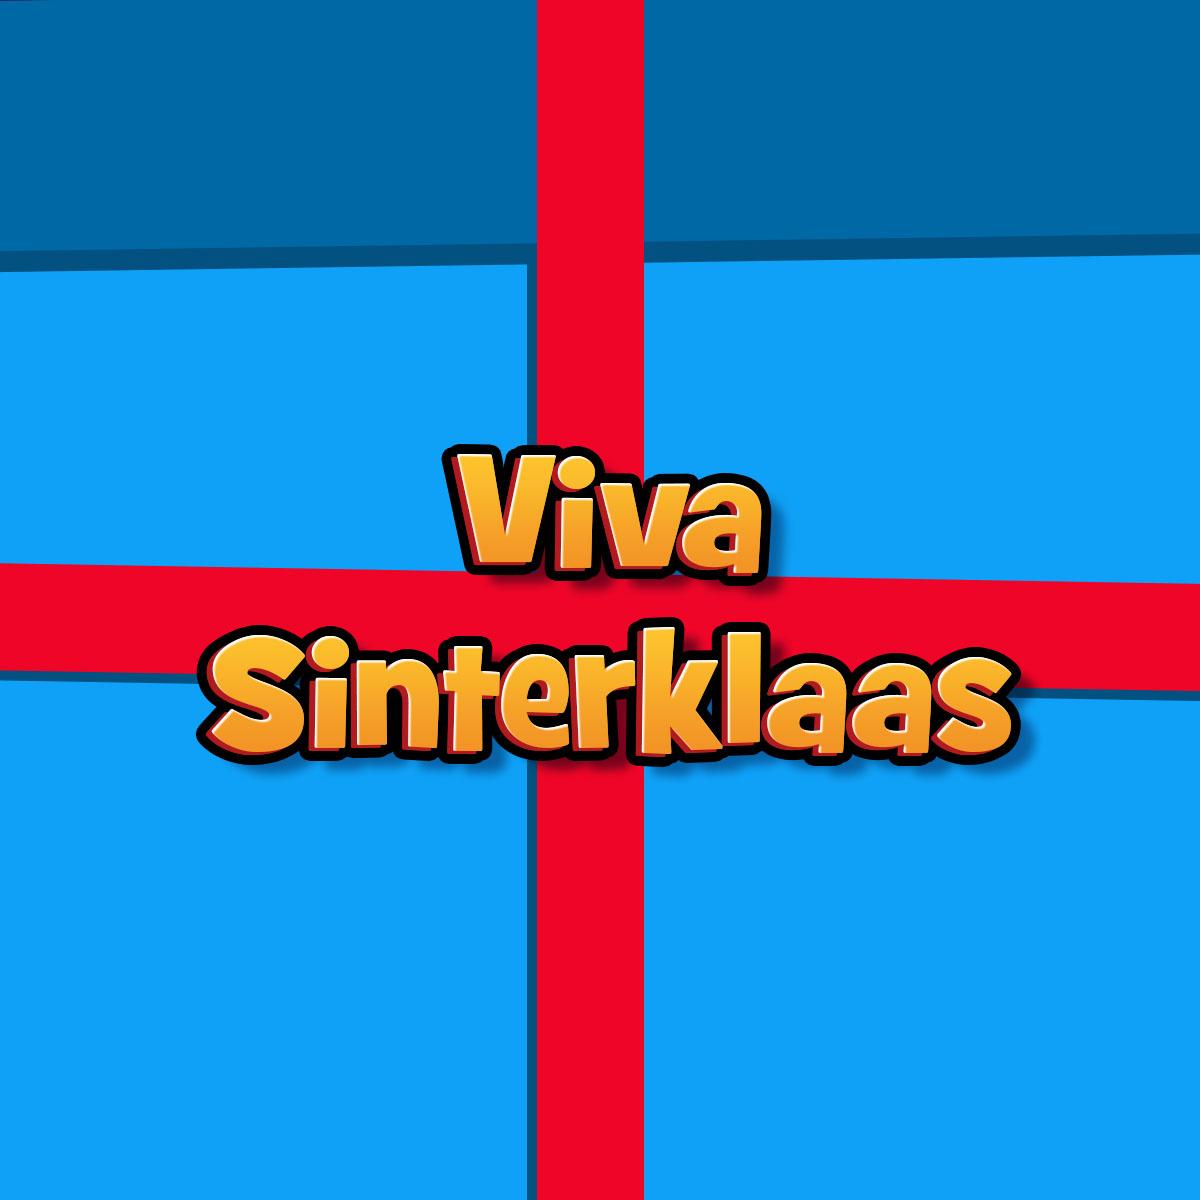 Coole Piet zingt Viva Sinterklaas